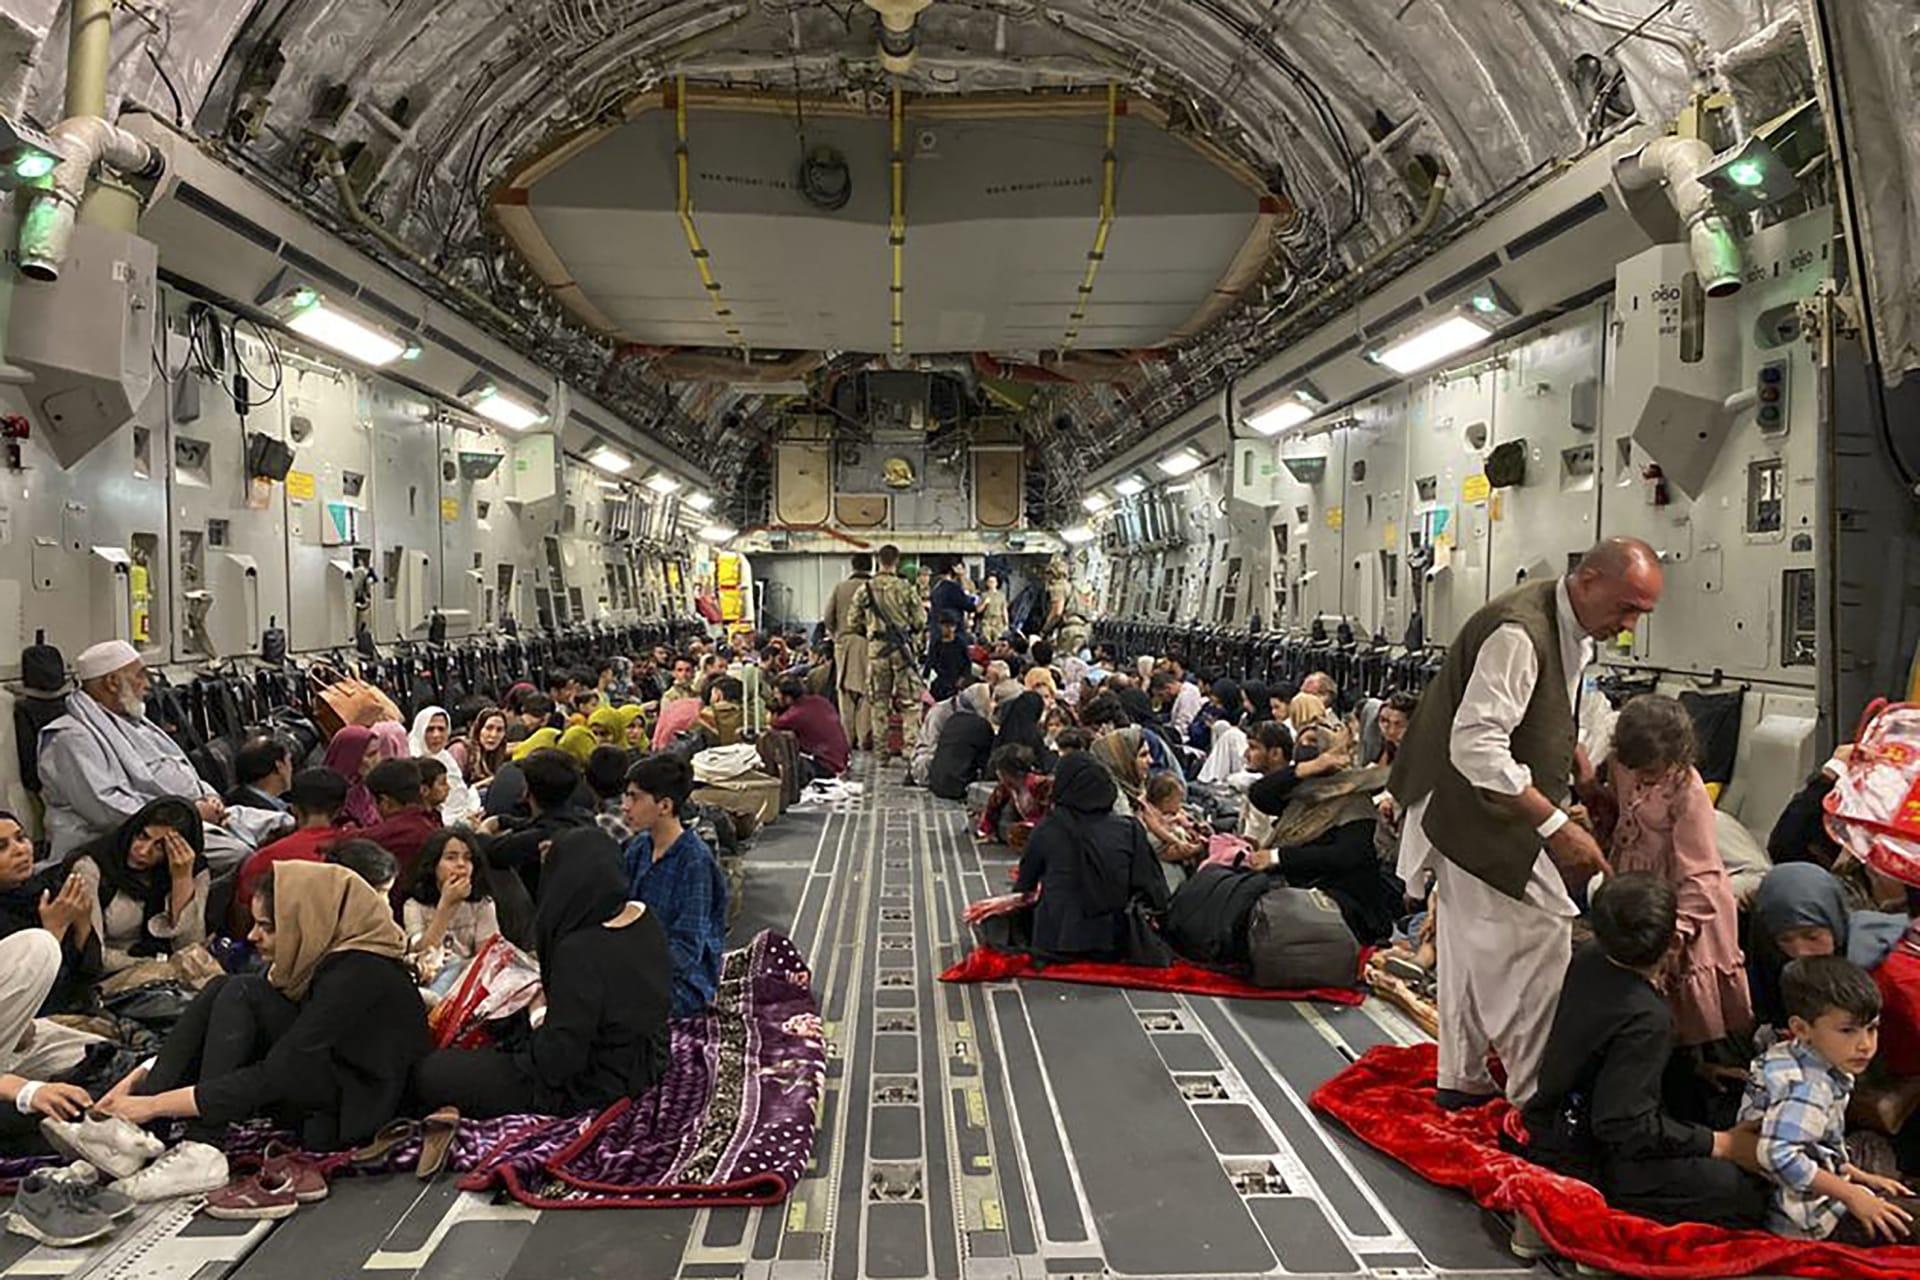 الأردن يتفق مع أمريكا على المشاركة في عمليات الإجلاء من أفغانستان